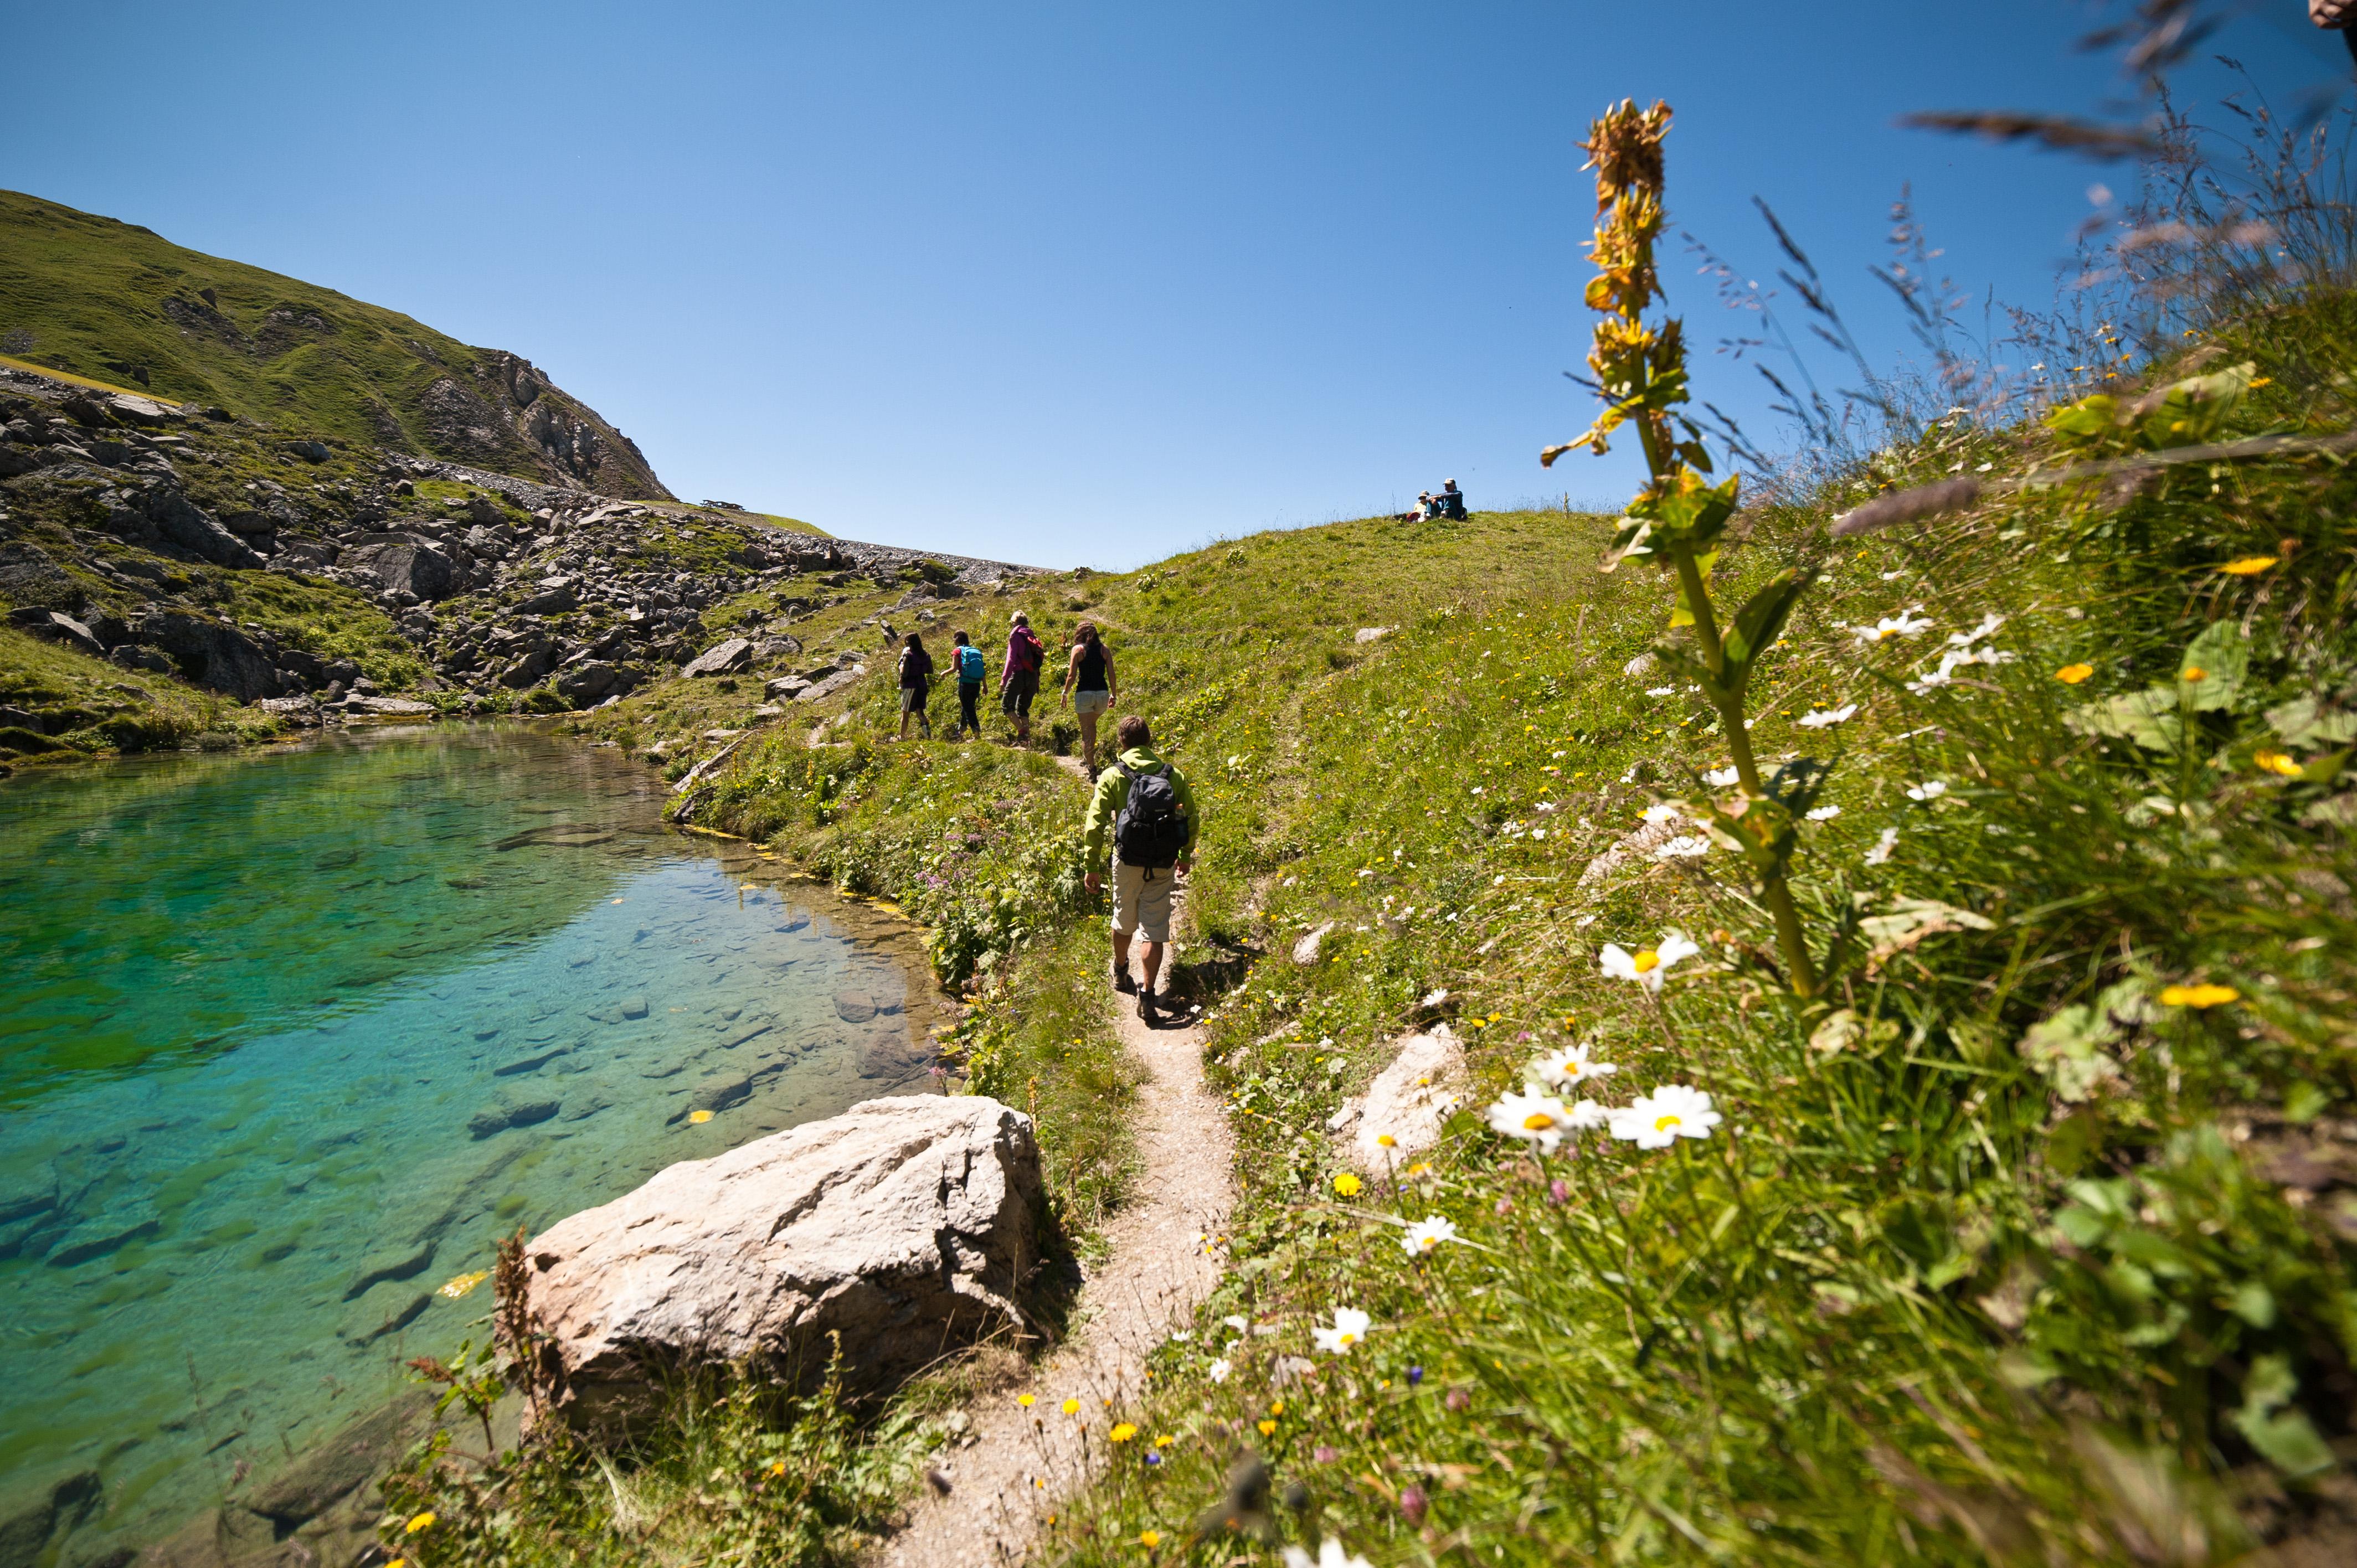 Le lac bleu et le lac blanc maurienne tourisme - Office du tourisme st francois longchamp ...